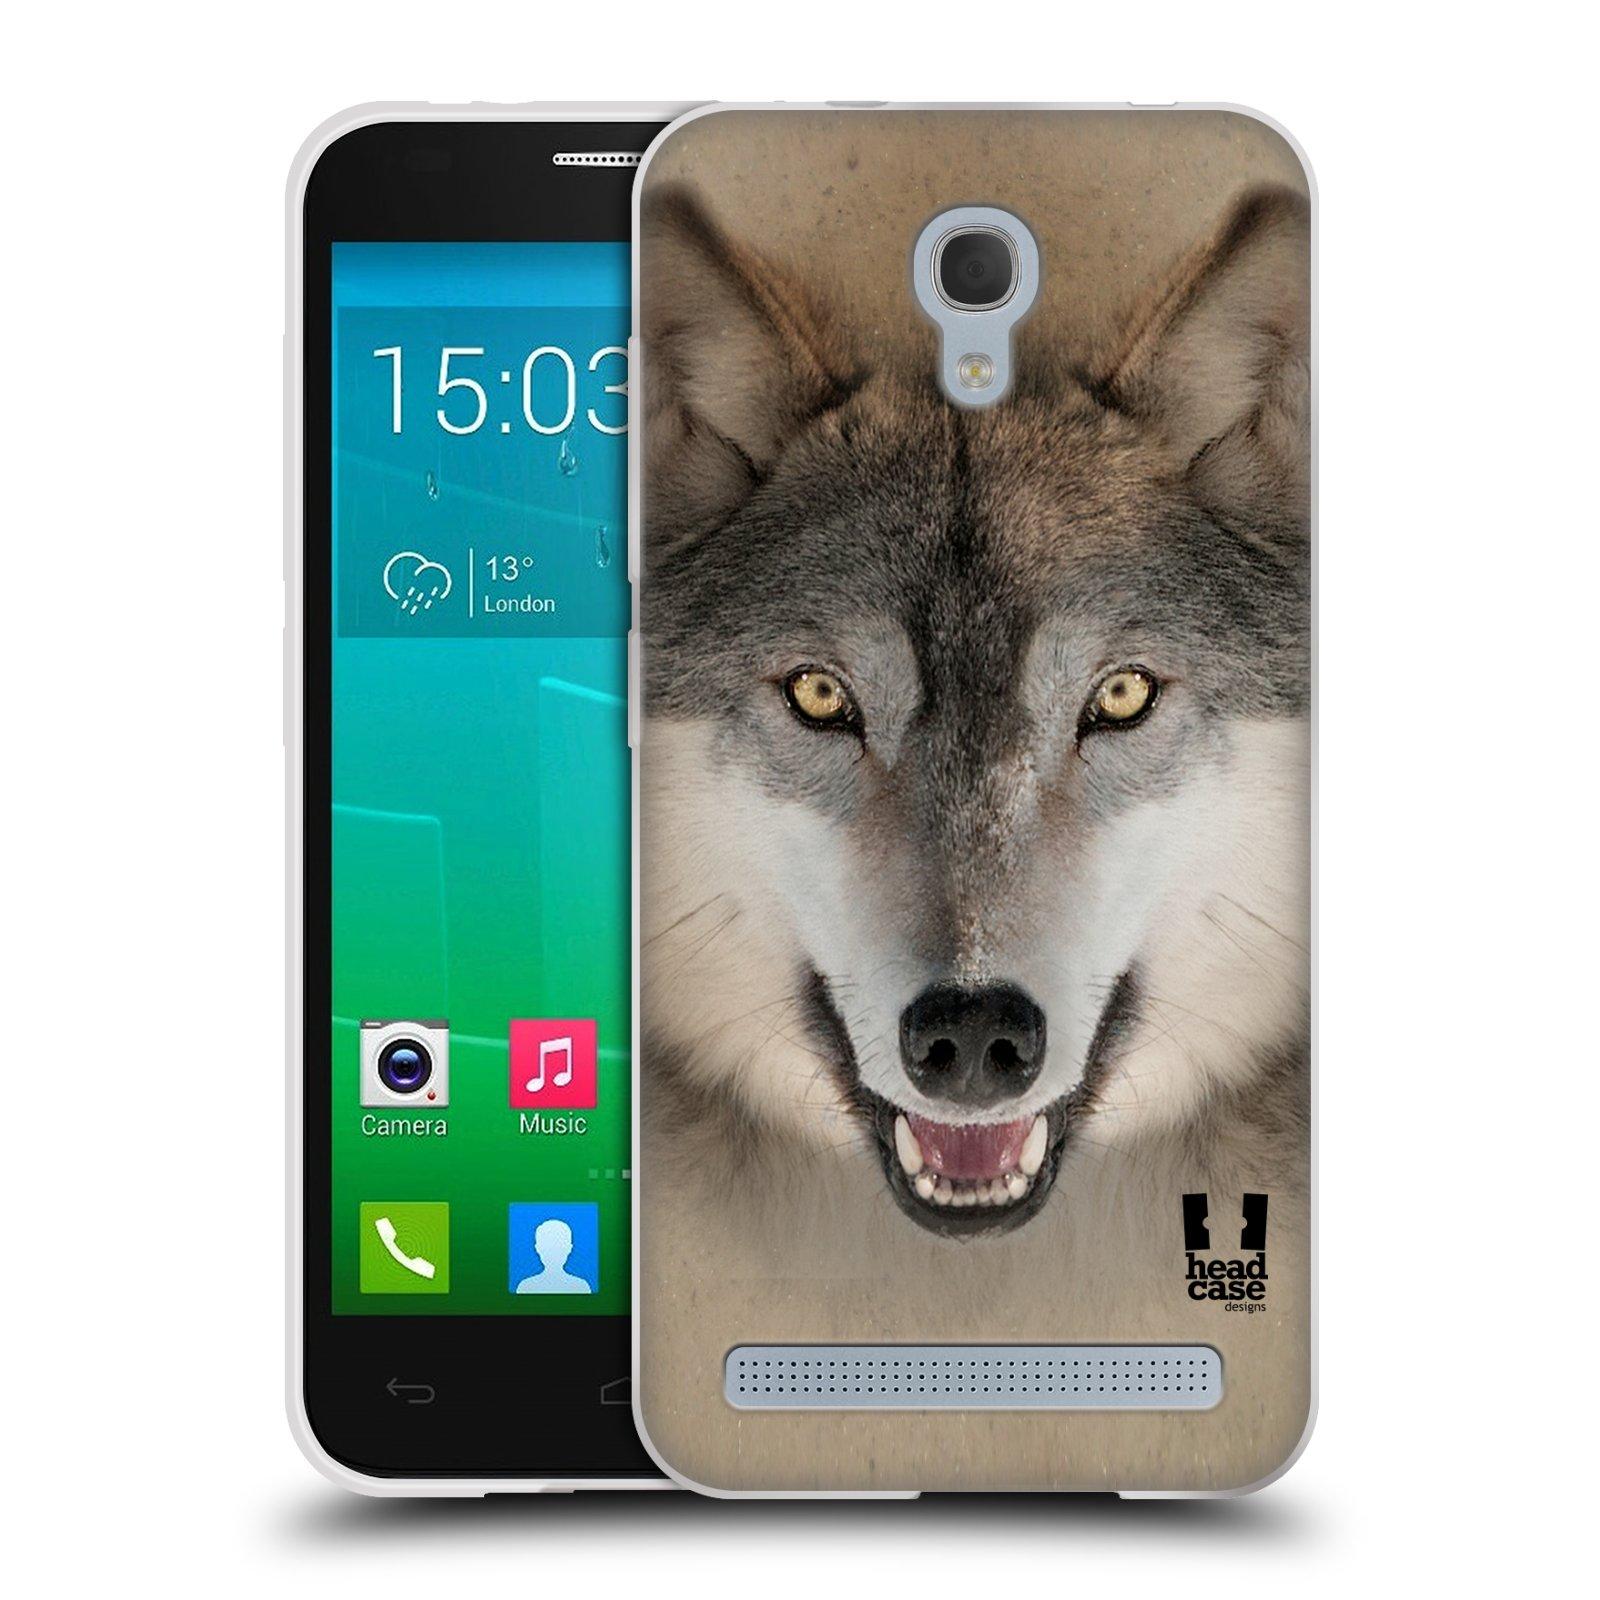 HEAD CASE silikonový obal na mobil Alcatel Idol 2 MINI S 6036Y vzor Zvířecí tváře 2 vlk šedý